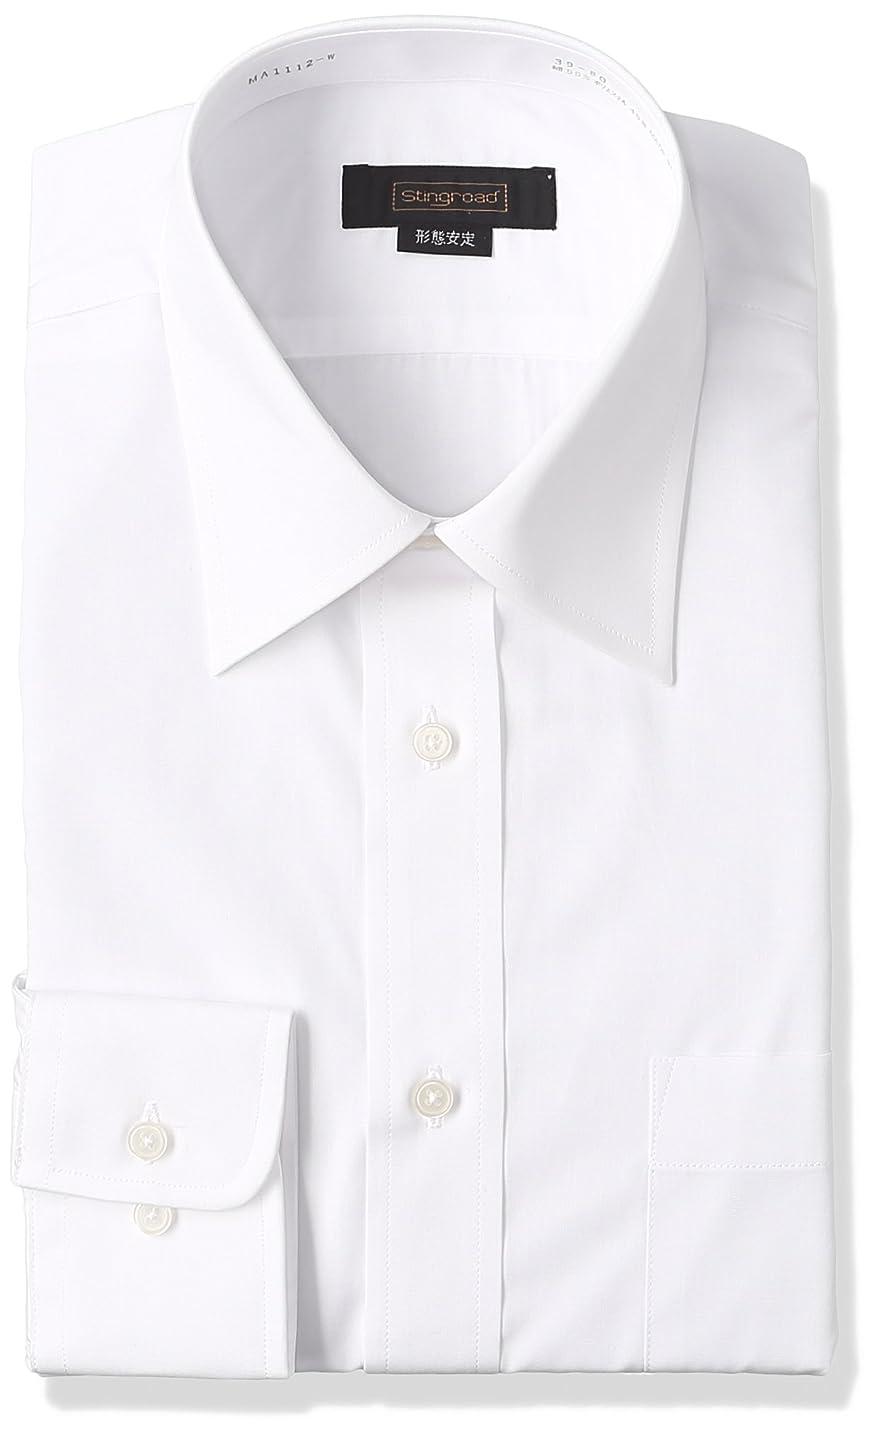 平らな圧力強調する[スティングロード] 長袖 形態安定 白 ワイシャツ レギュラーカラー 綿高率混 レギュラーフィット ノーアイロン ビジネス 冠婚葬祭 MA1112-AM-1